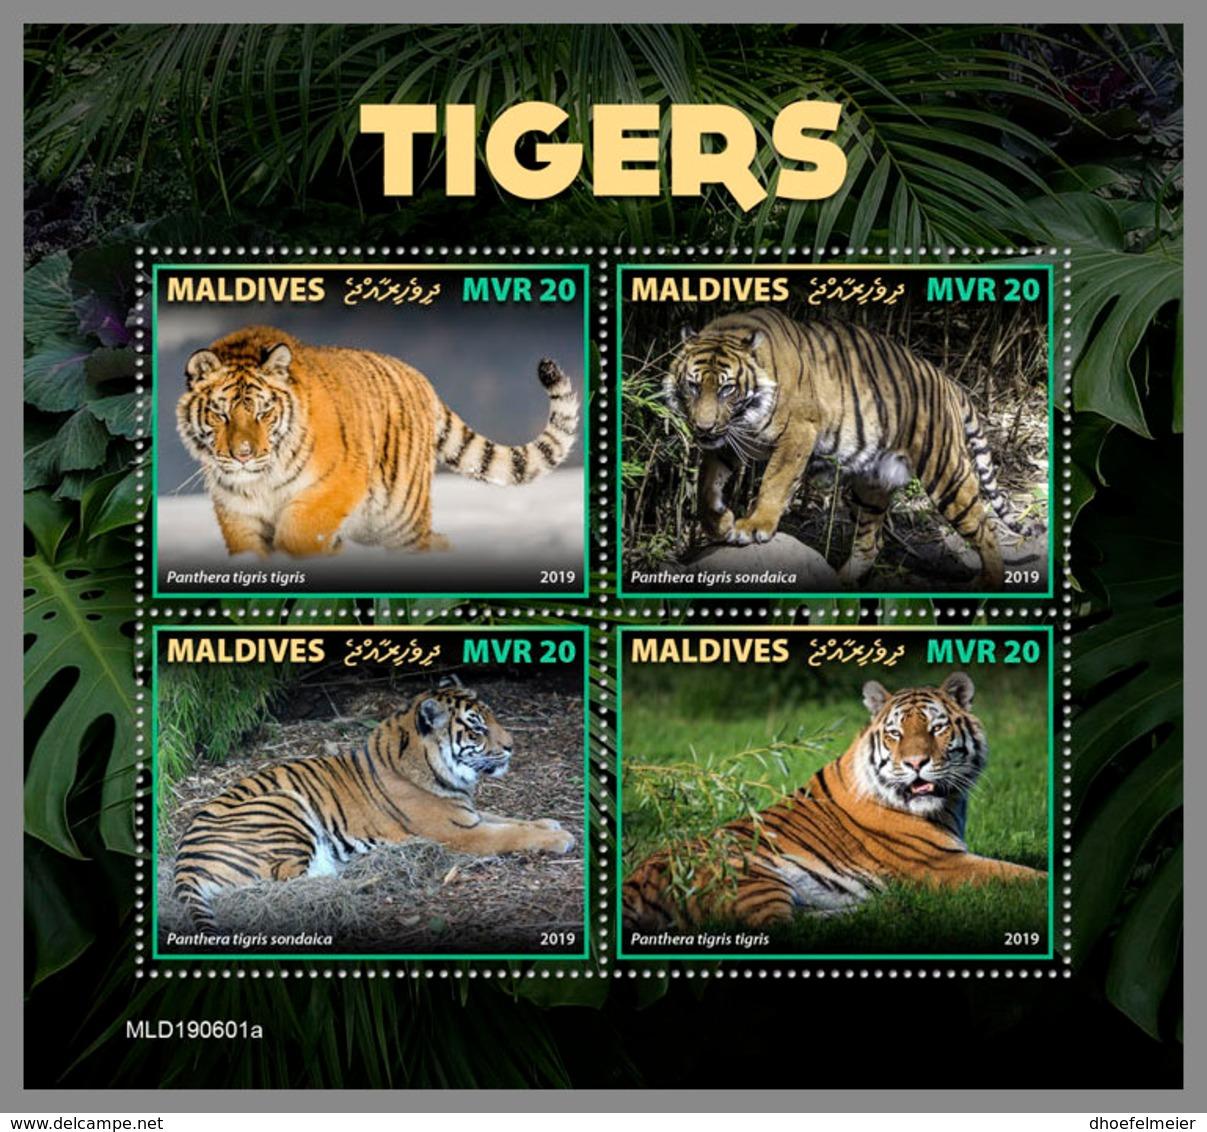 MALDIVES 2019 MNH Tigers Tiger Raubkatzen Tigres M/S - OFFICIAL ISSUE - DH1937 - Big Cats (cats Of Prey)